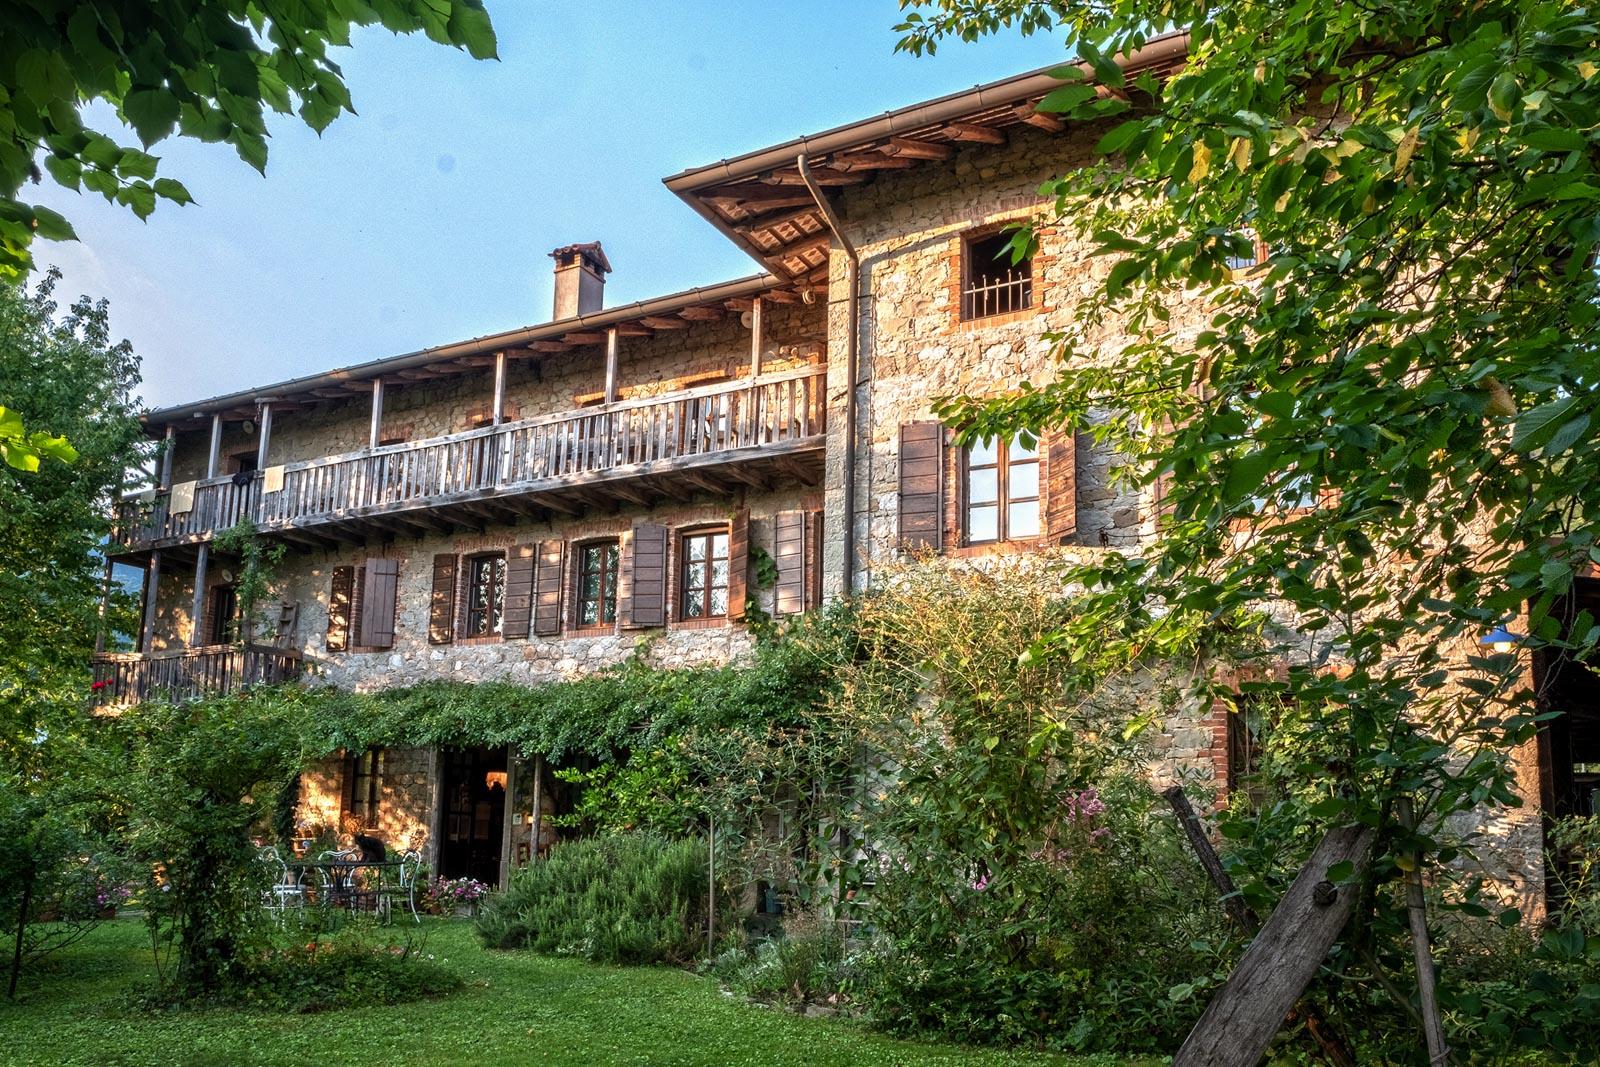 Bellissimo casale storico in Friuli con agriturismo e produzione di vini biologici